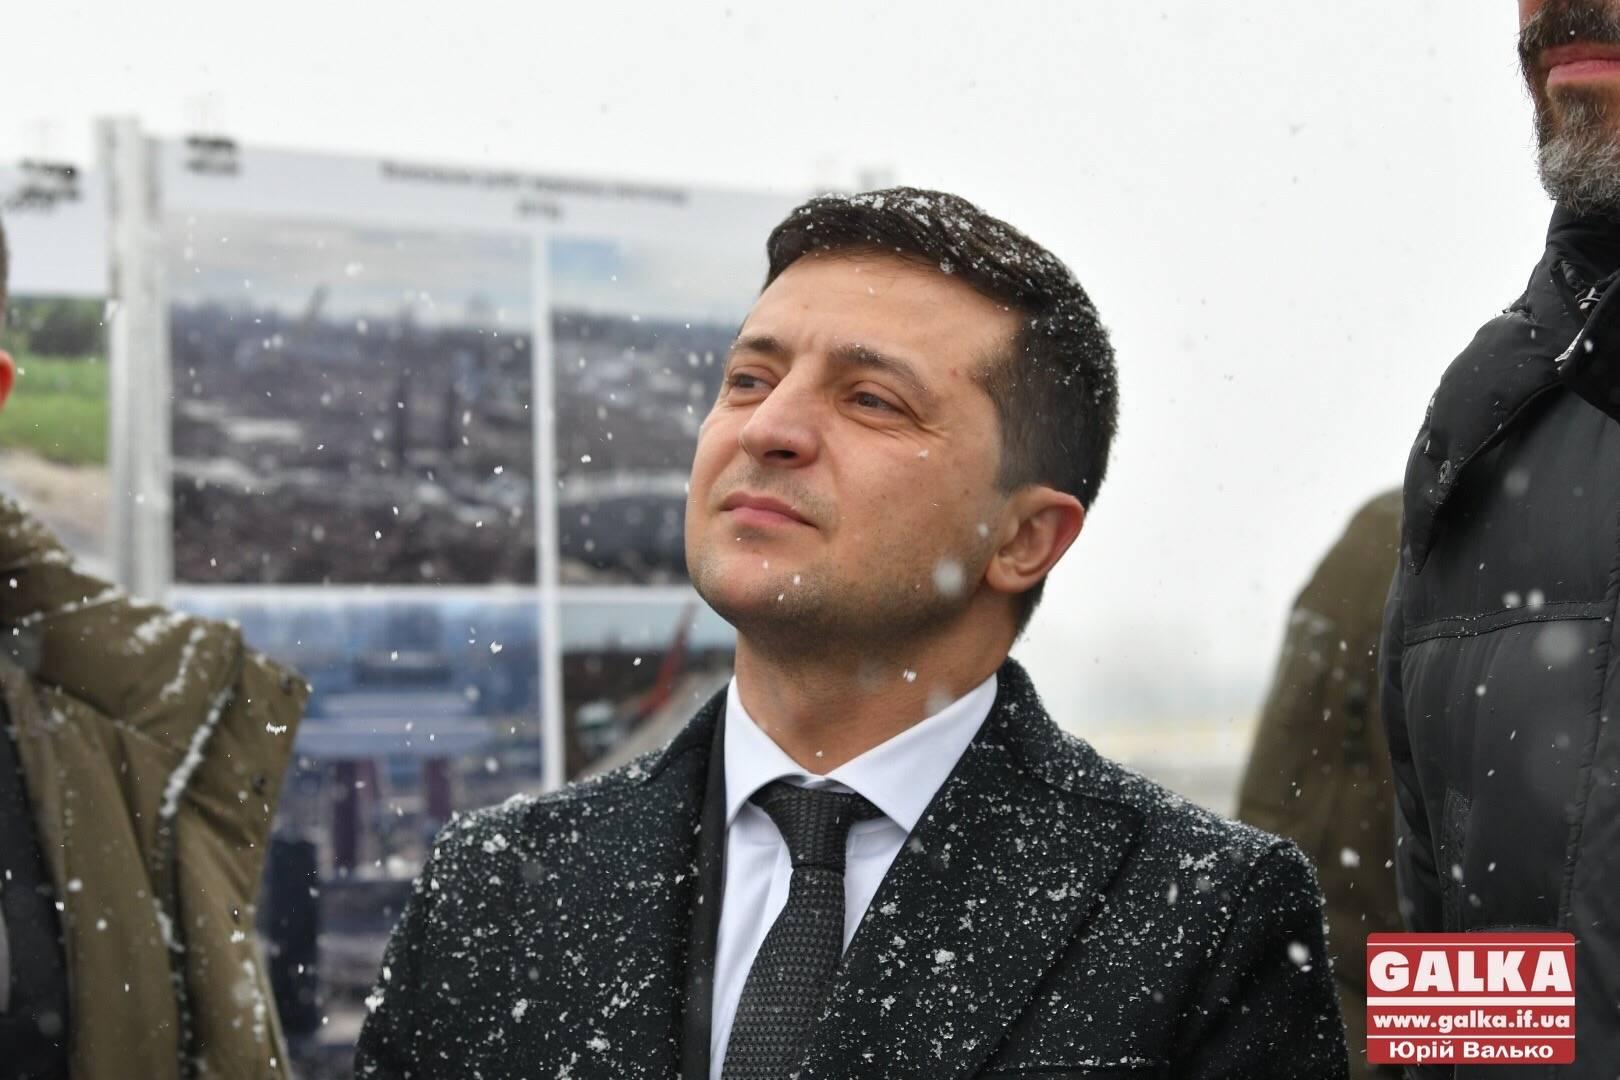 Зеленський пройшовся новим мостом на Калущині (ФОТО, ВІДЕО)